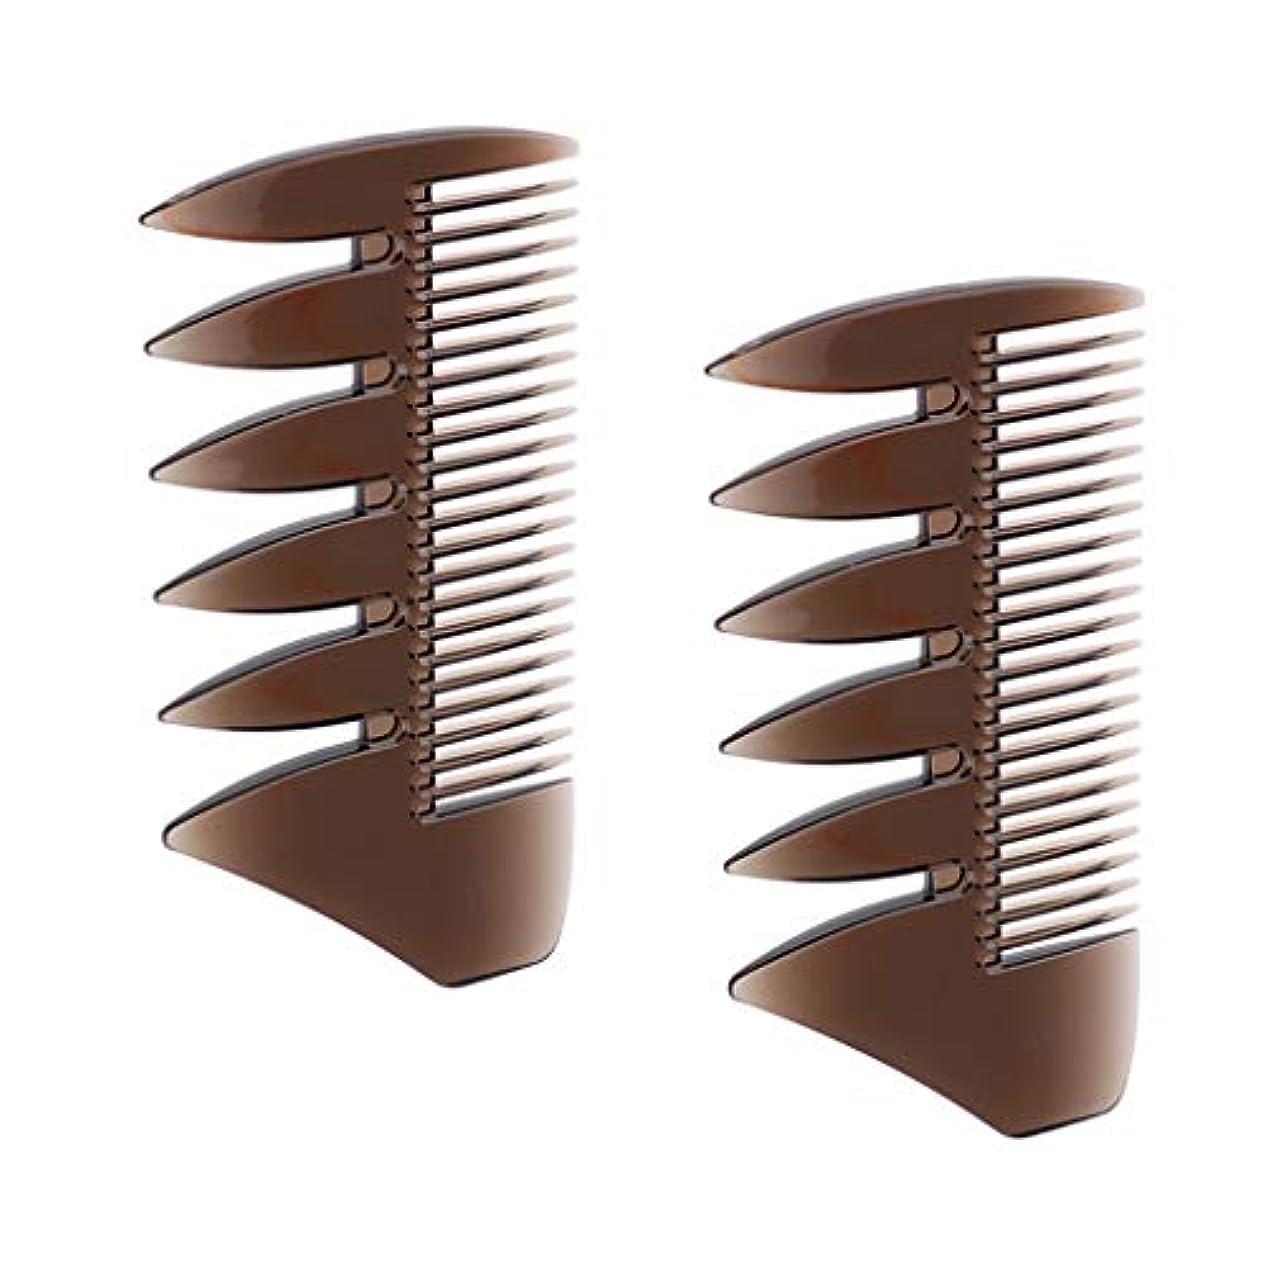 分泌する分離暗殺するF Fityle 2個 ヘアコンビ デュアルサイド メンズ オイルの髪 櫛 ヘアサロン ヘアスタイリング